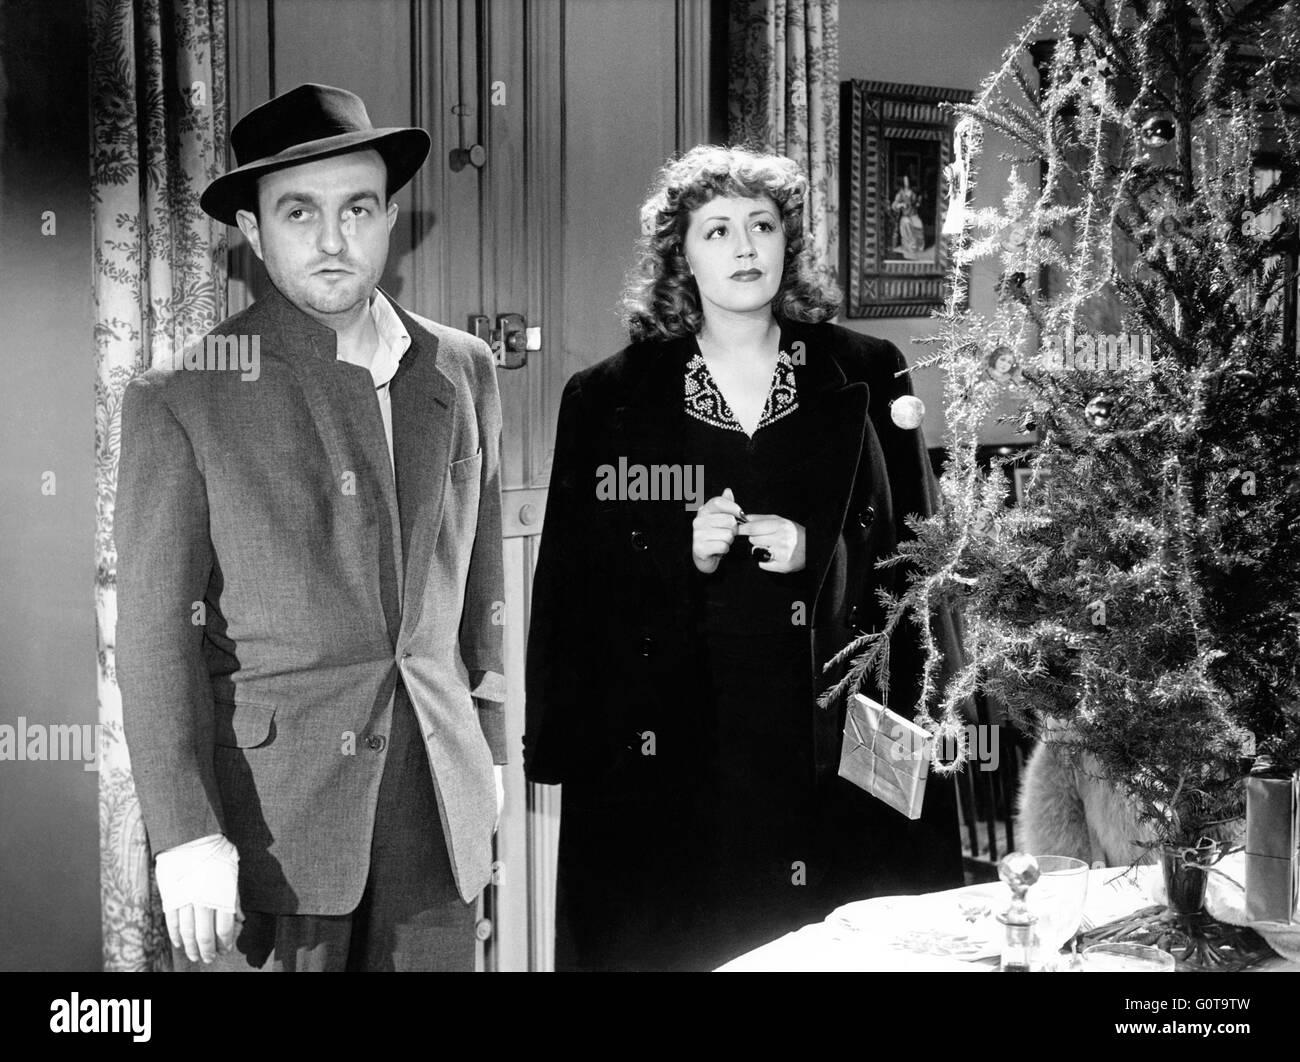 Bernard Blier et Suzy Delair / Quai des Orfèvres / 1947 réalisé par Henri-Georges Clouzot (Majestic-Film) Banque D'Images